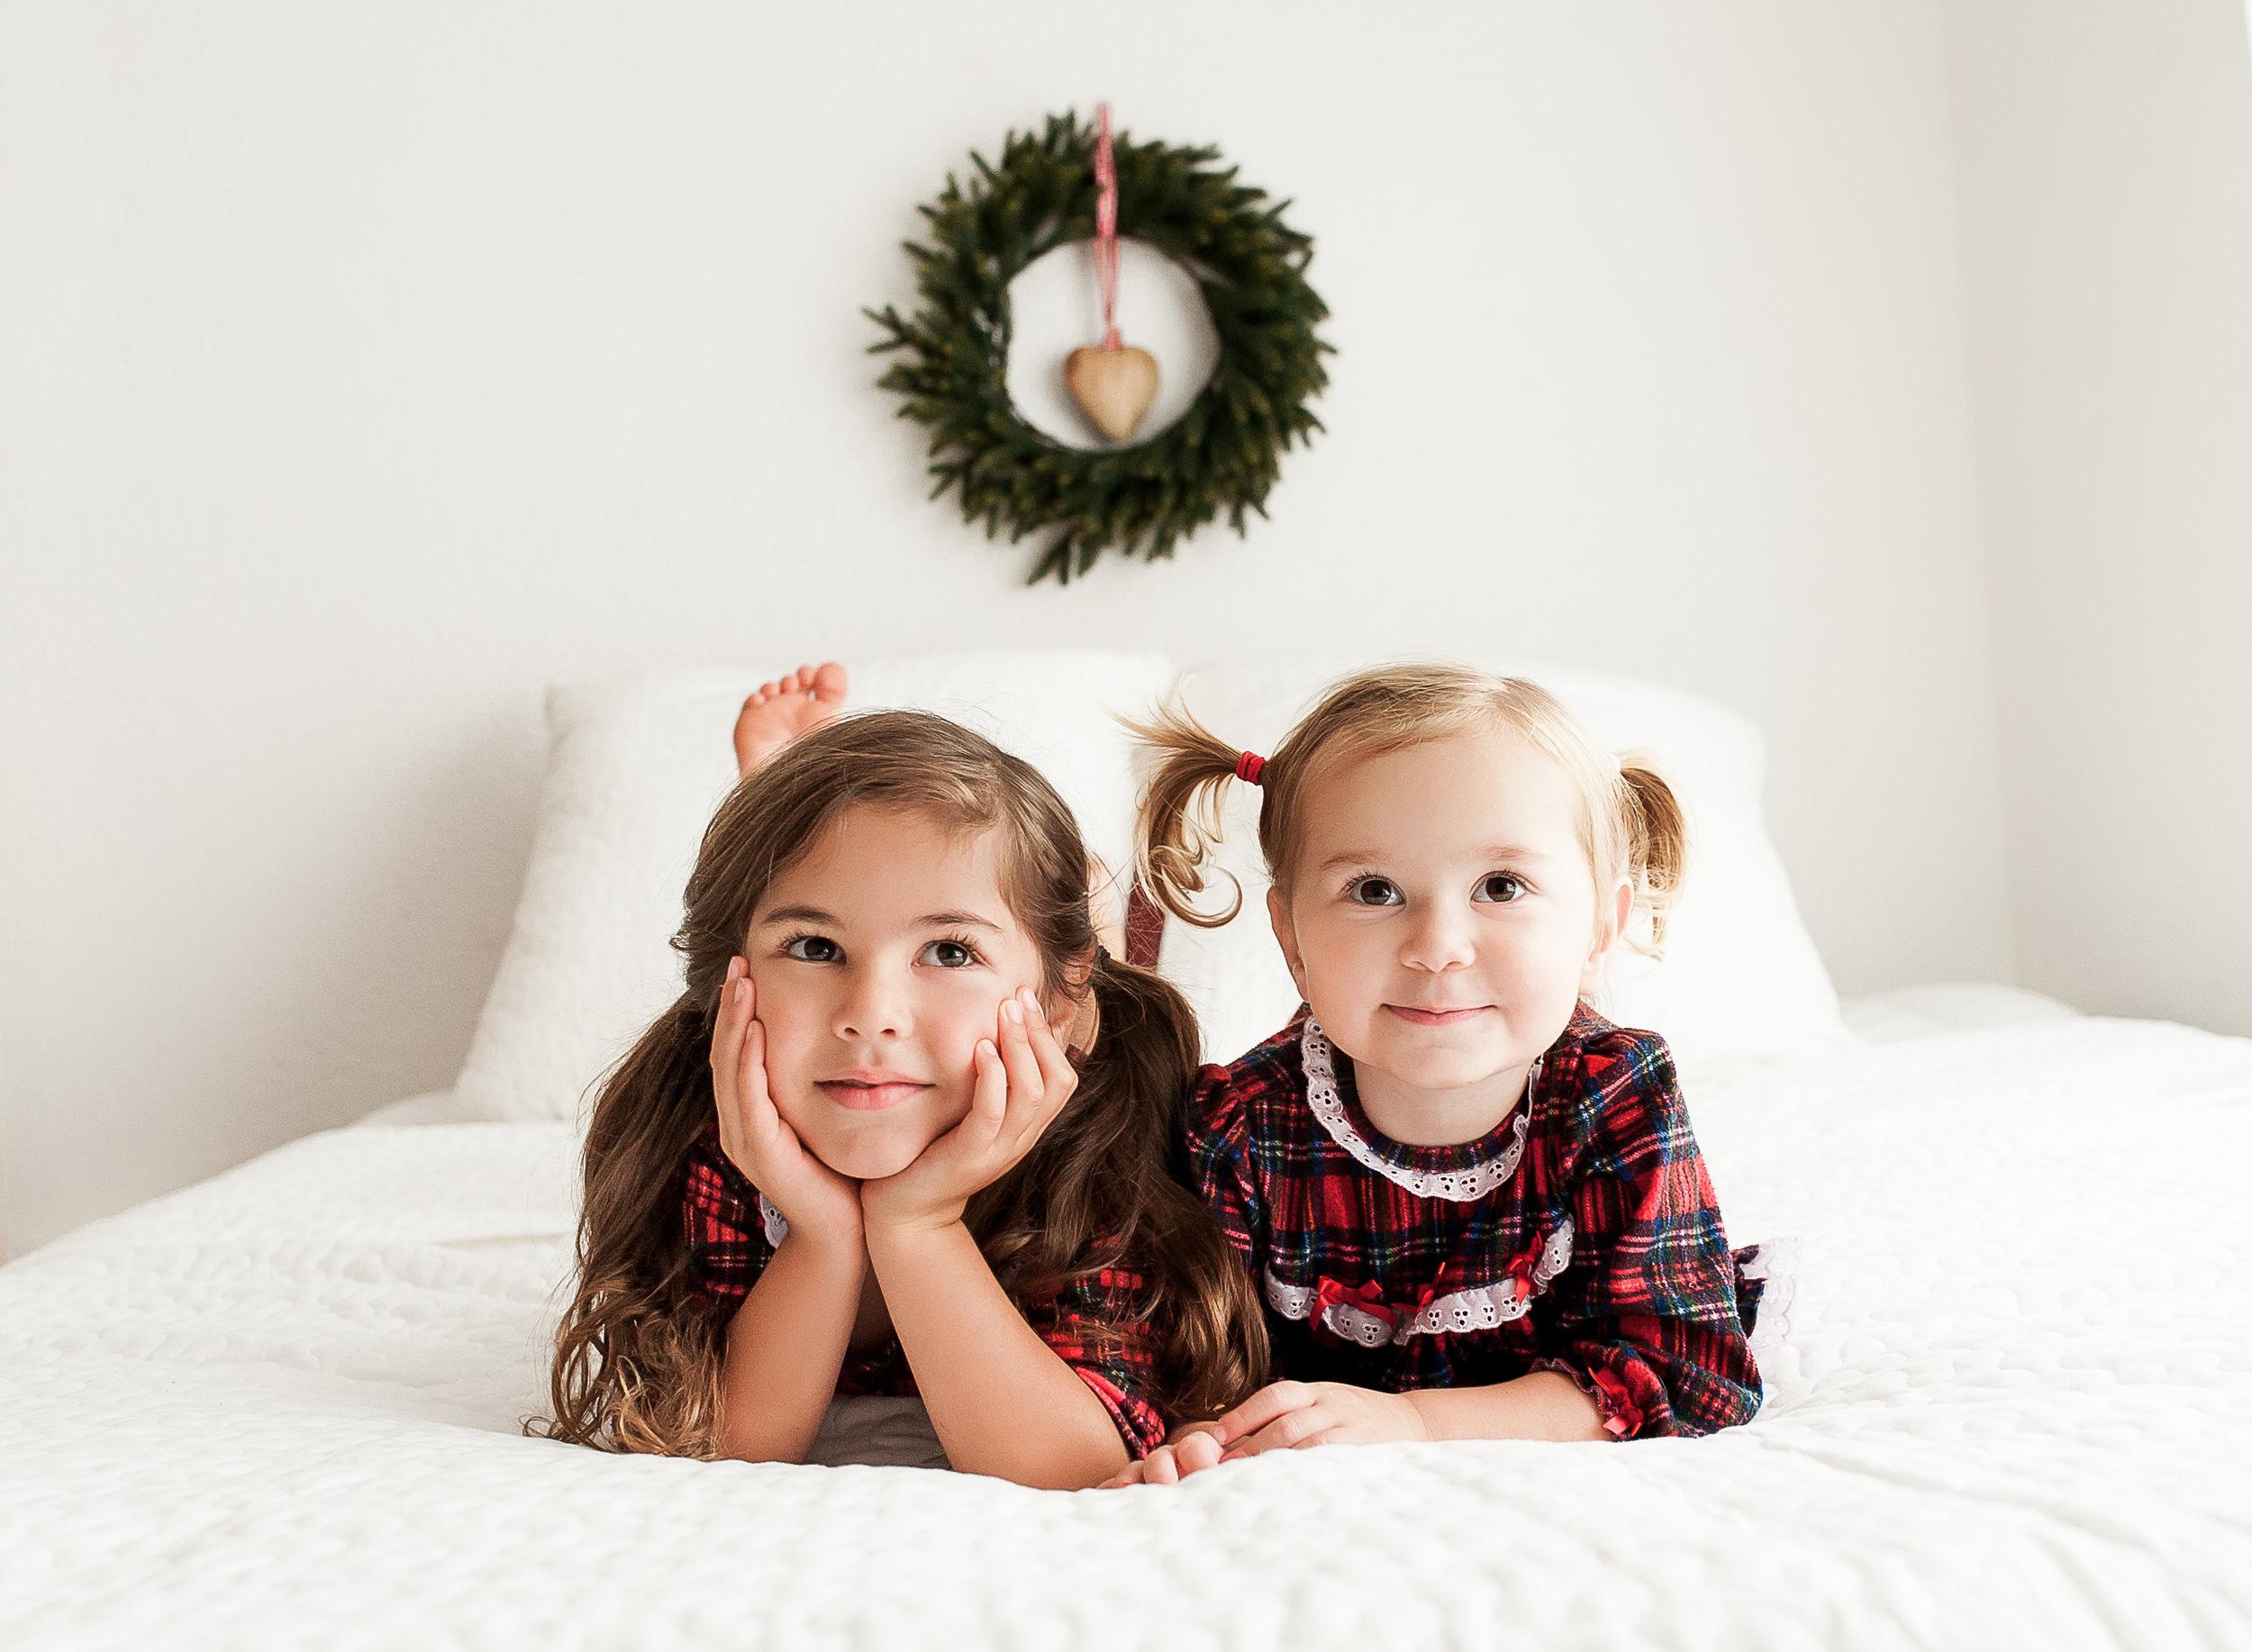 Tilsher christmas pjs-24.jpg